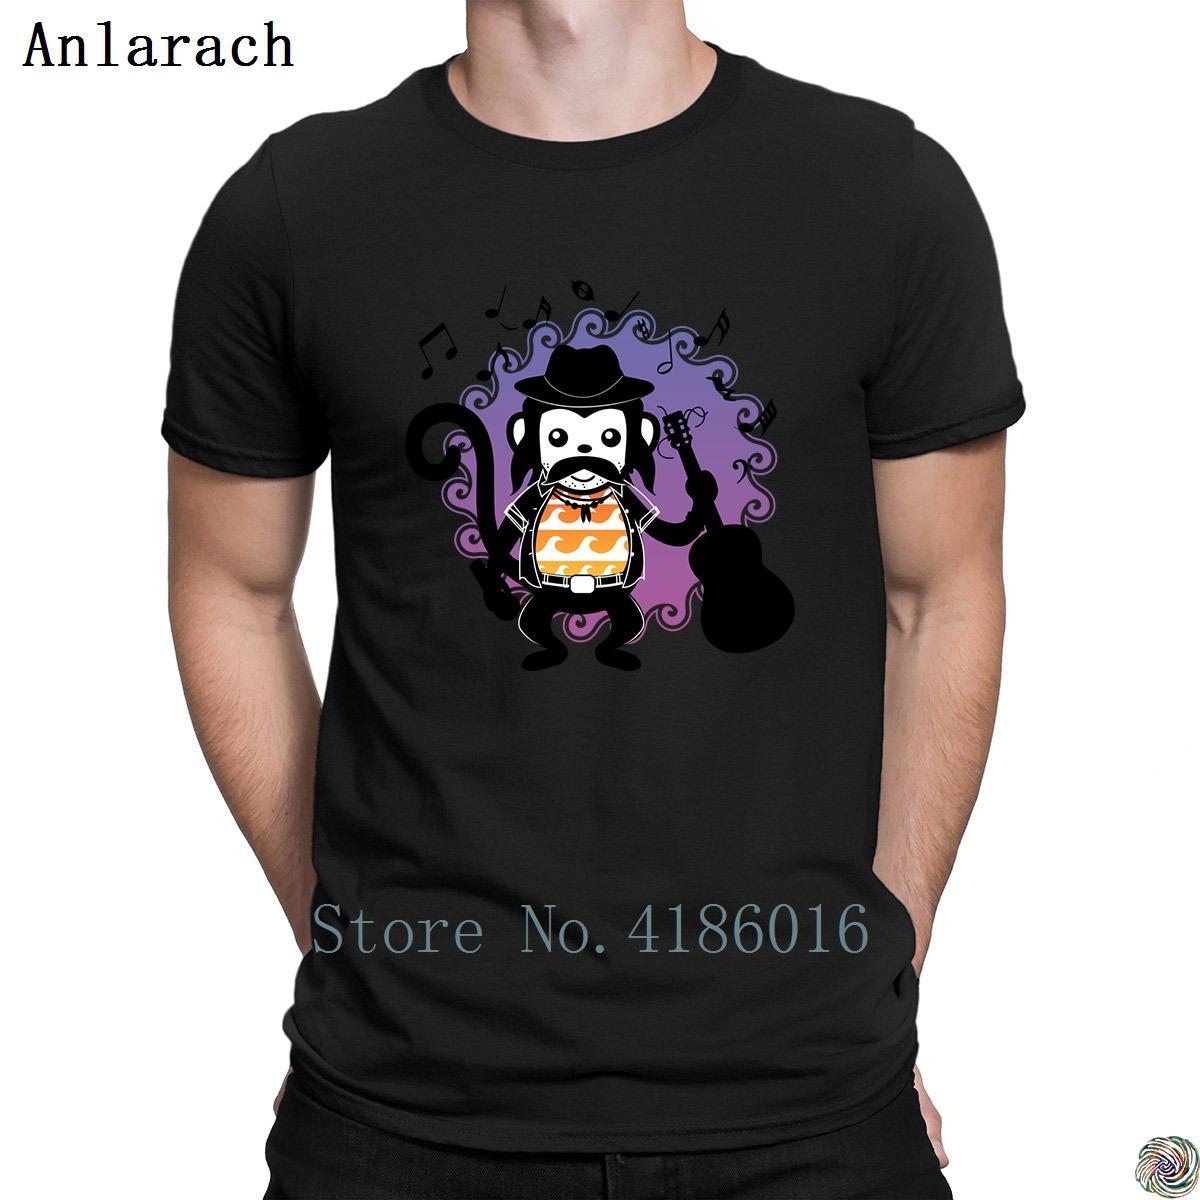 bigode engraçado macaco tshirts músico guitarrista do pescoço de grupo criativa HipHop Tops camisa de t para homens louco Primavera do sexo masculino mais novo